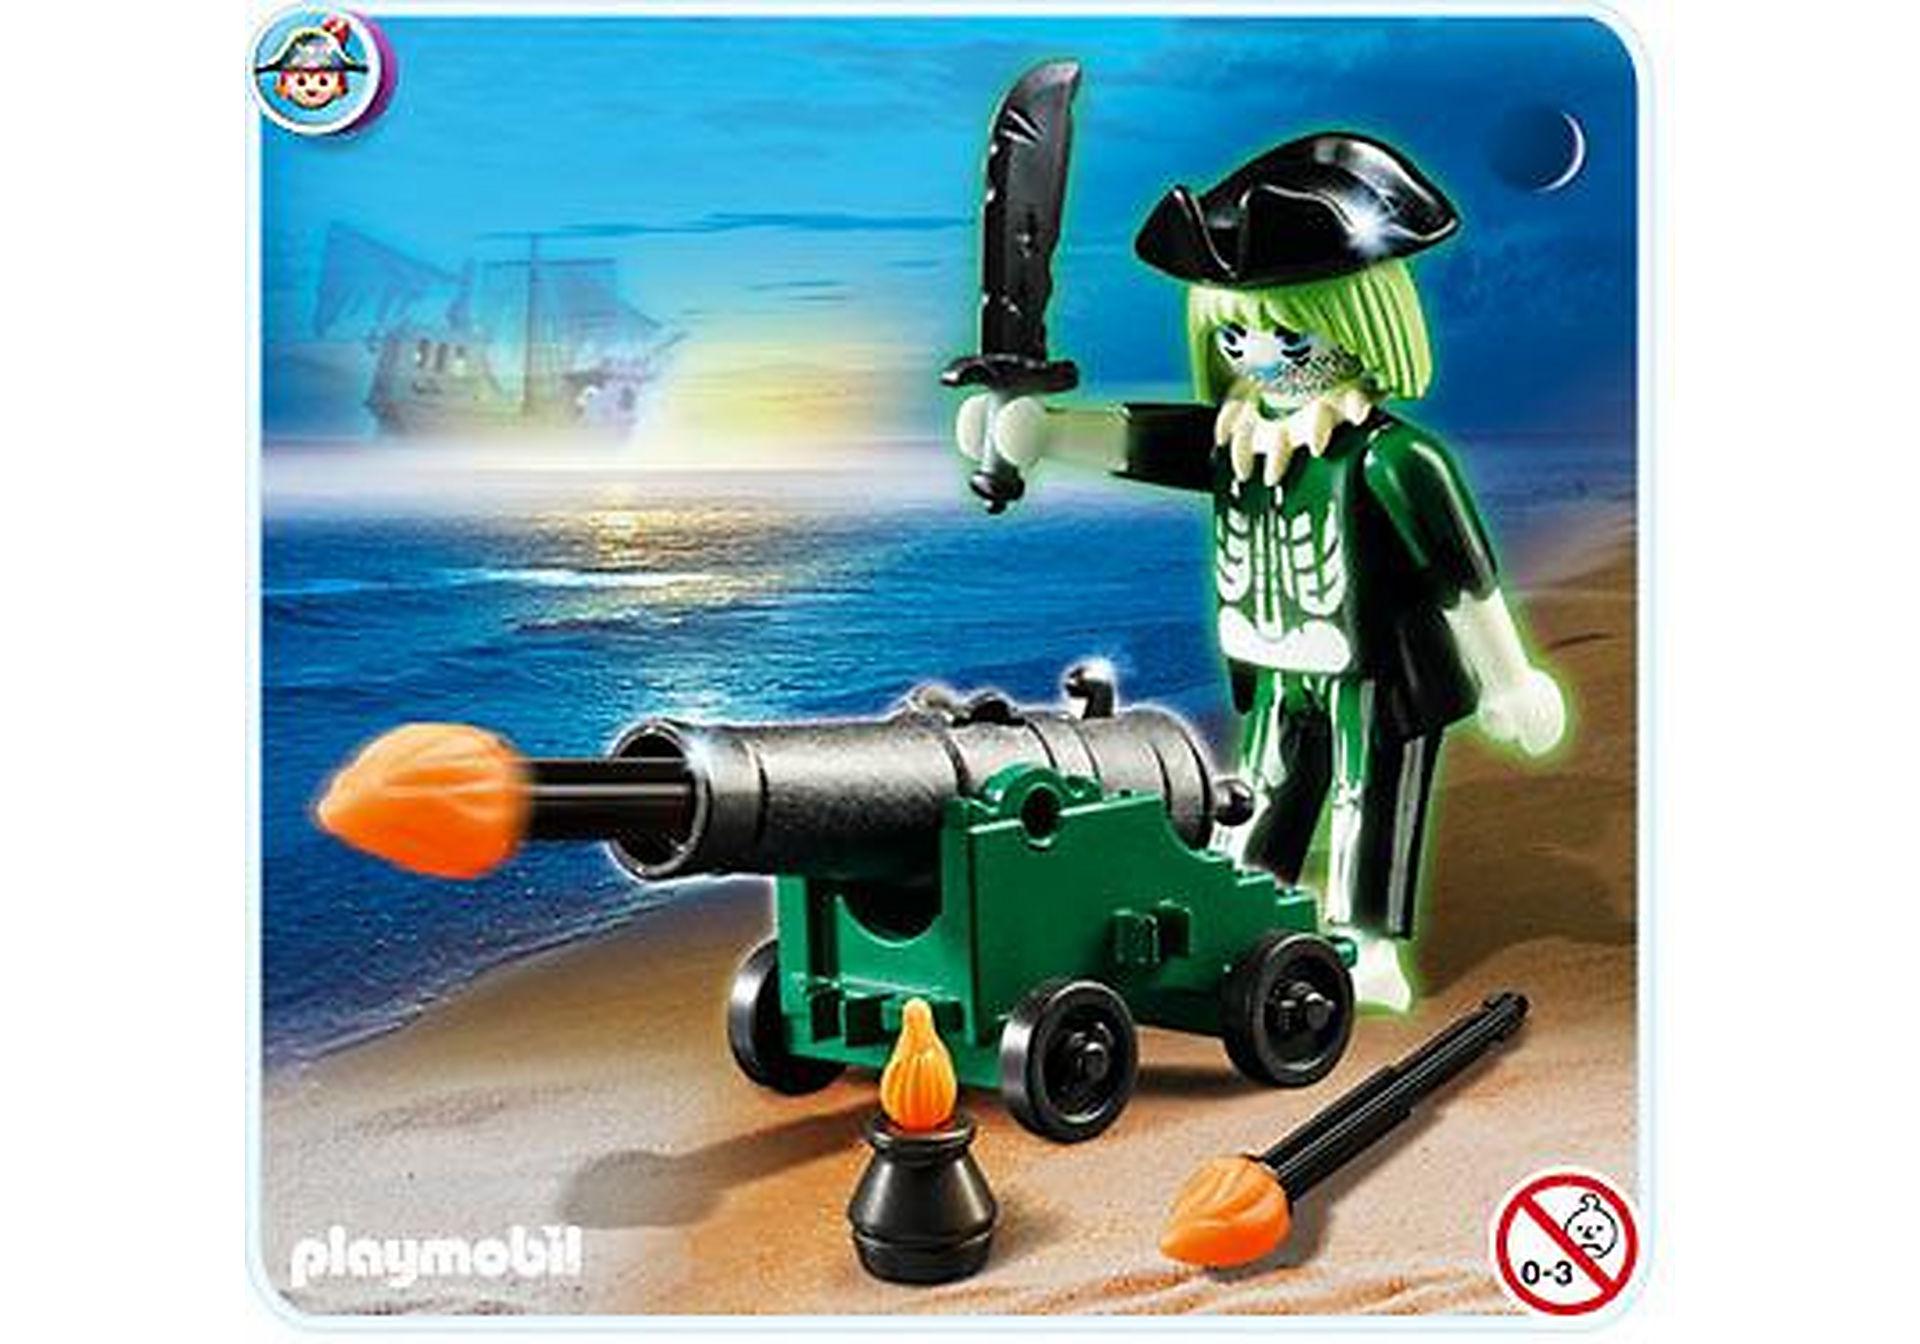 4928-A Pirate fantôme avec canon zoom image1